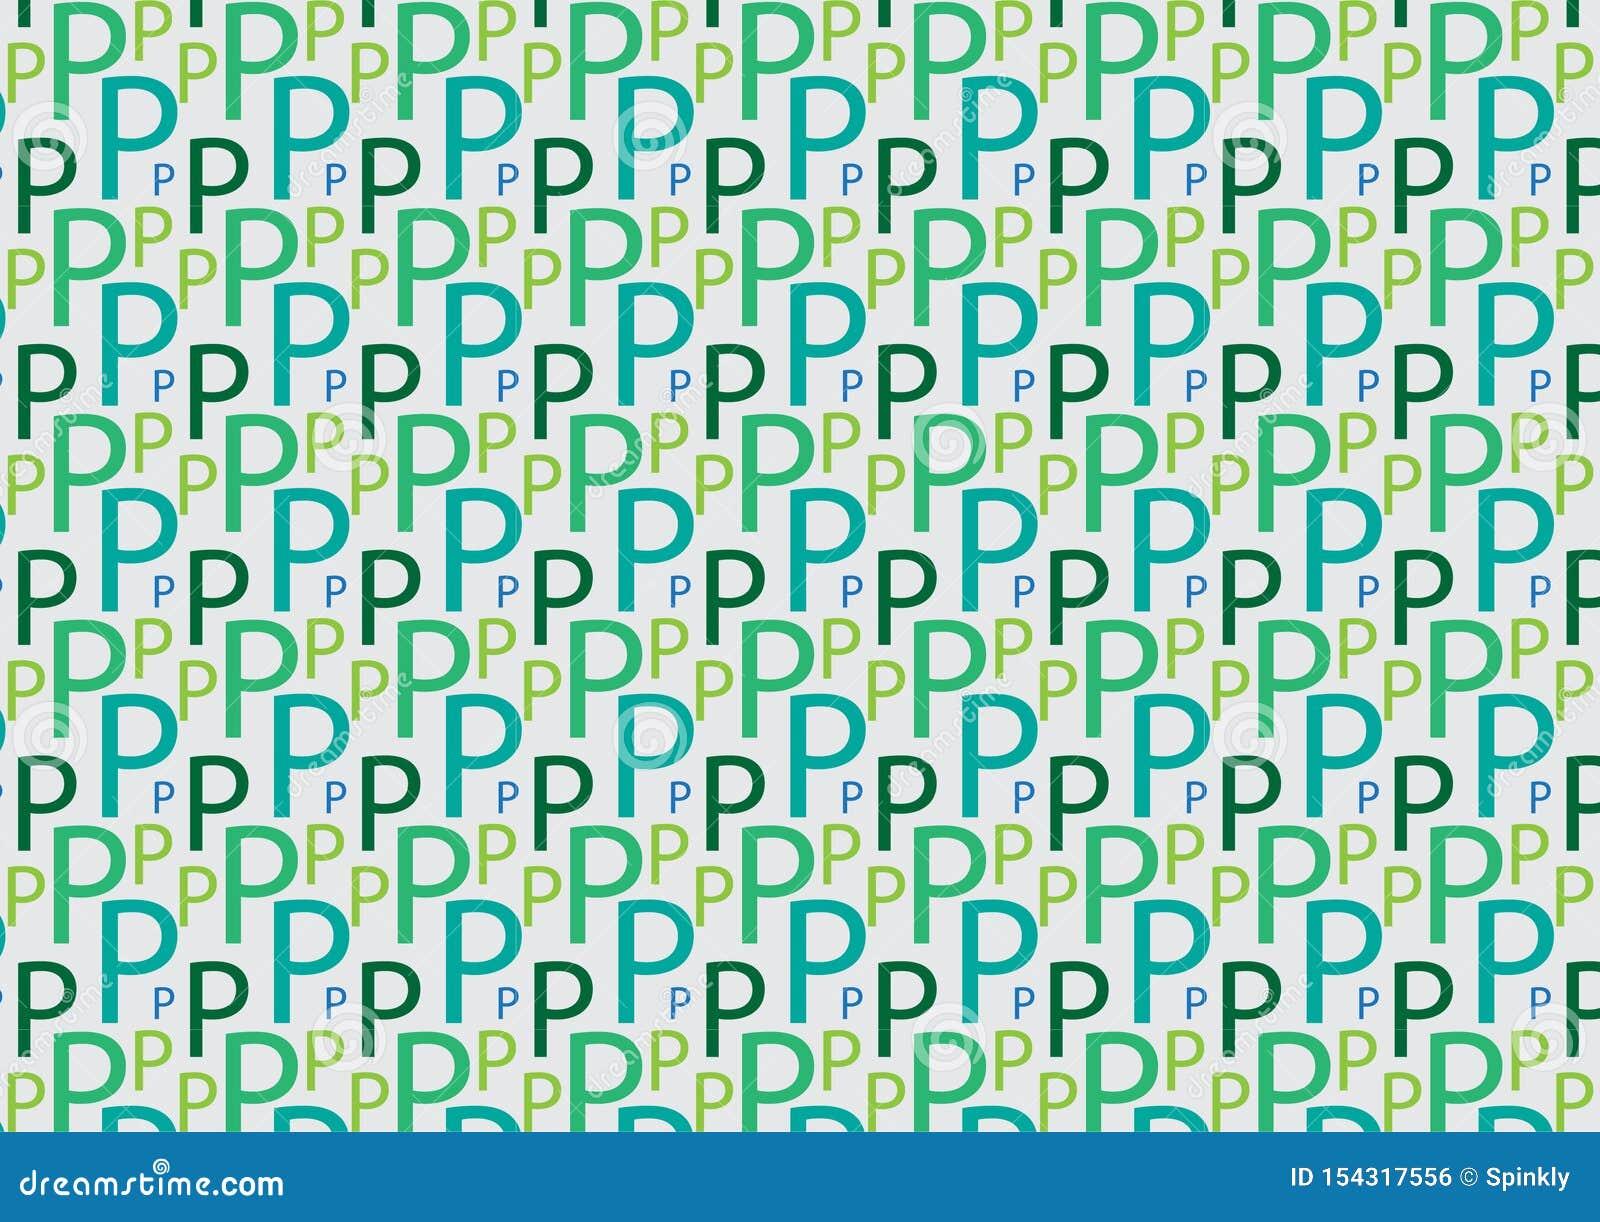 Brievenp patroon in verschillende gekleurde schaduwen